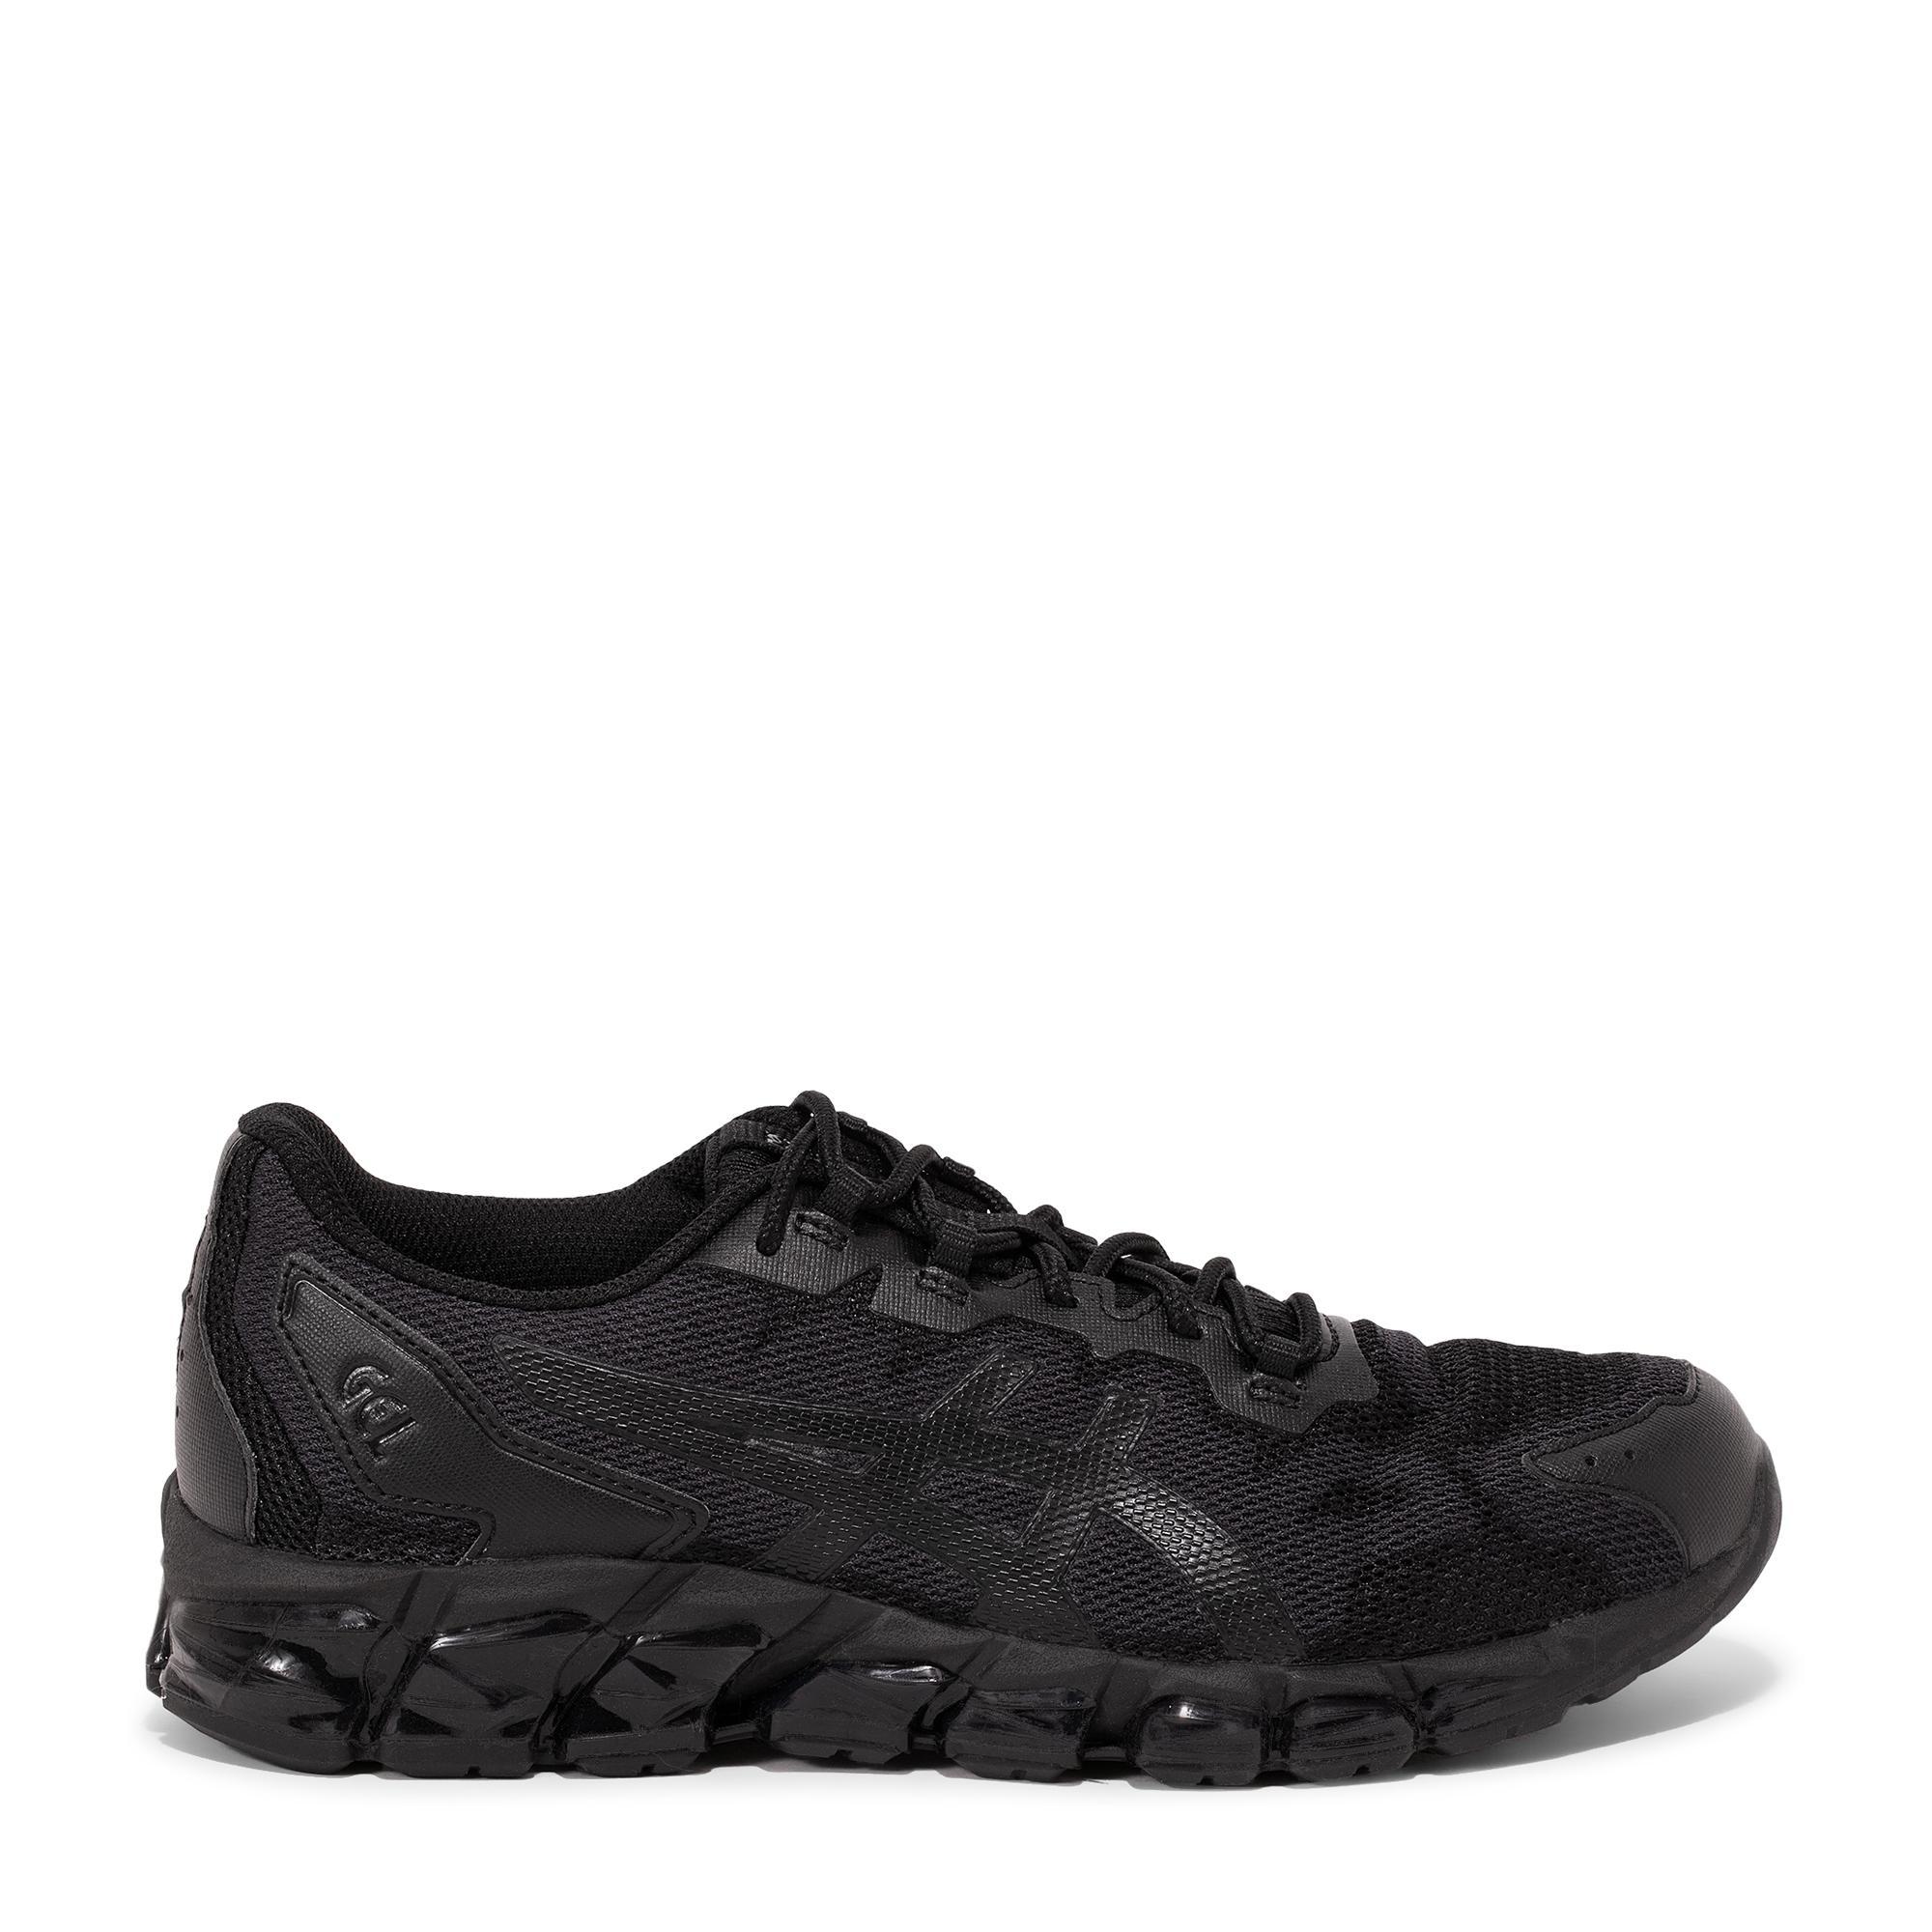 Gel-Quantum 360 sneakers